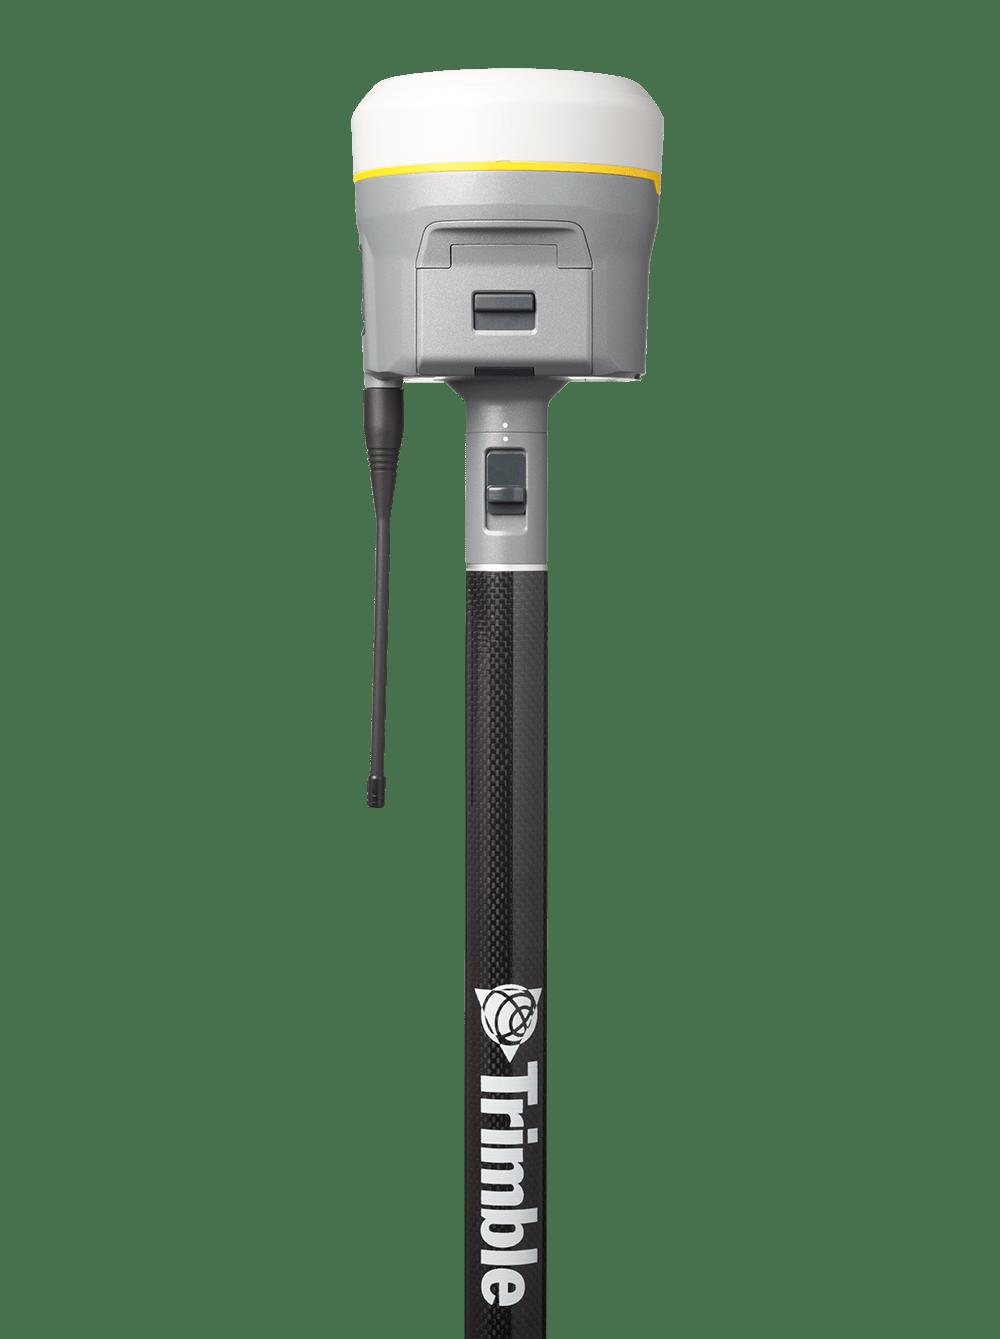 Trimble R10 GNSS System